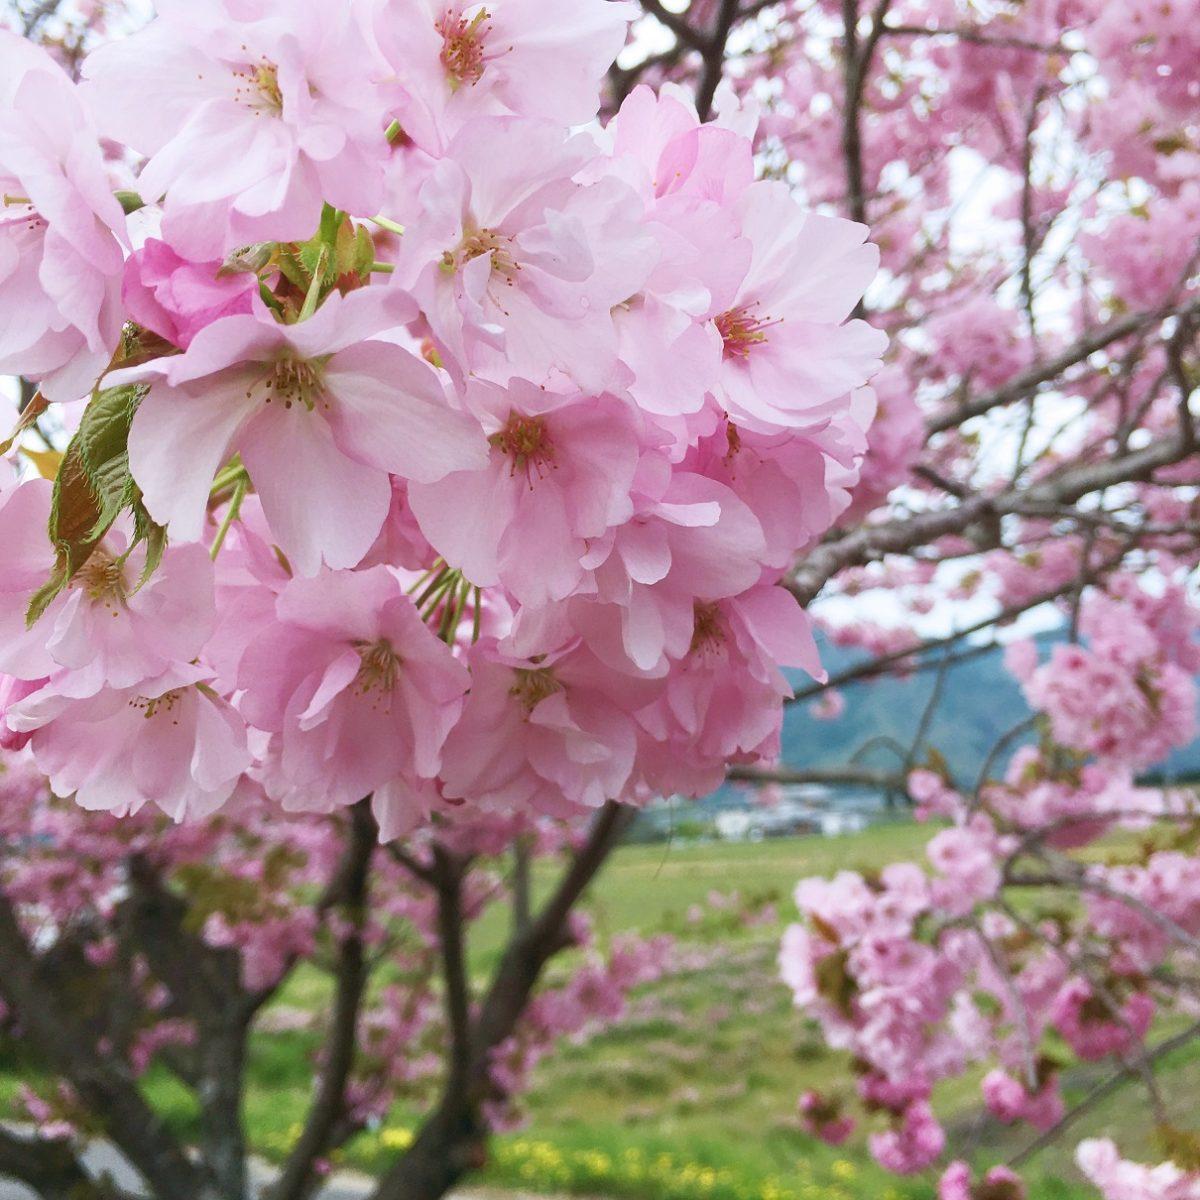 【神河町】十重に二十重に、牡丹桜(ボタンザクラ)が満開 加納